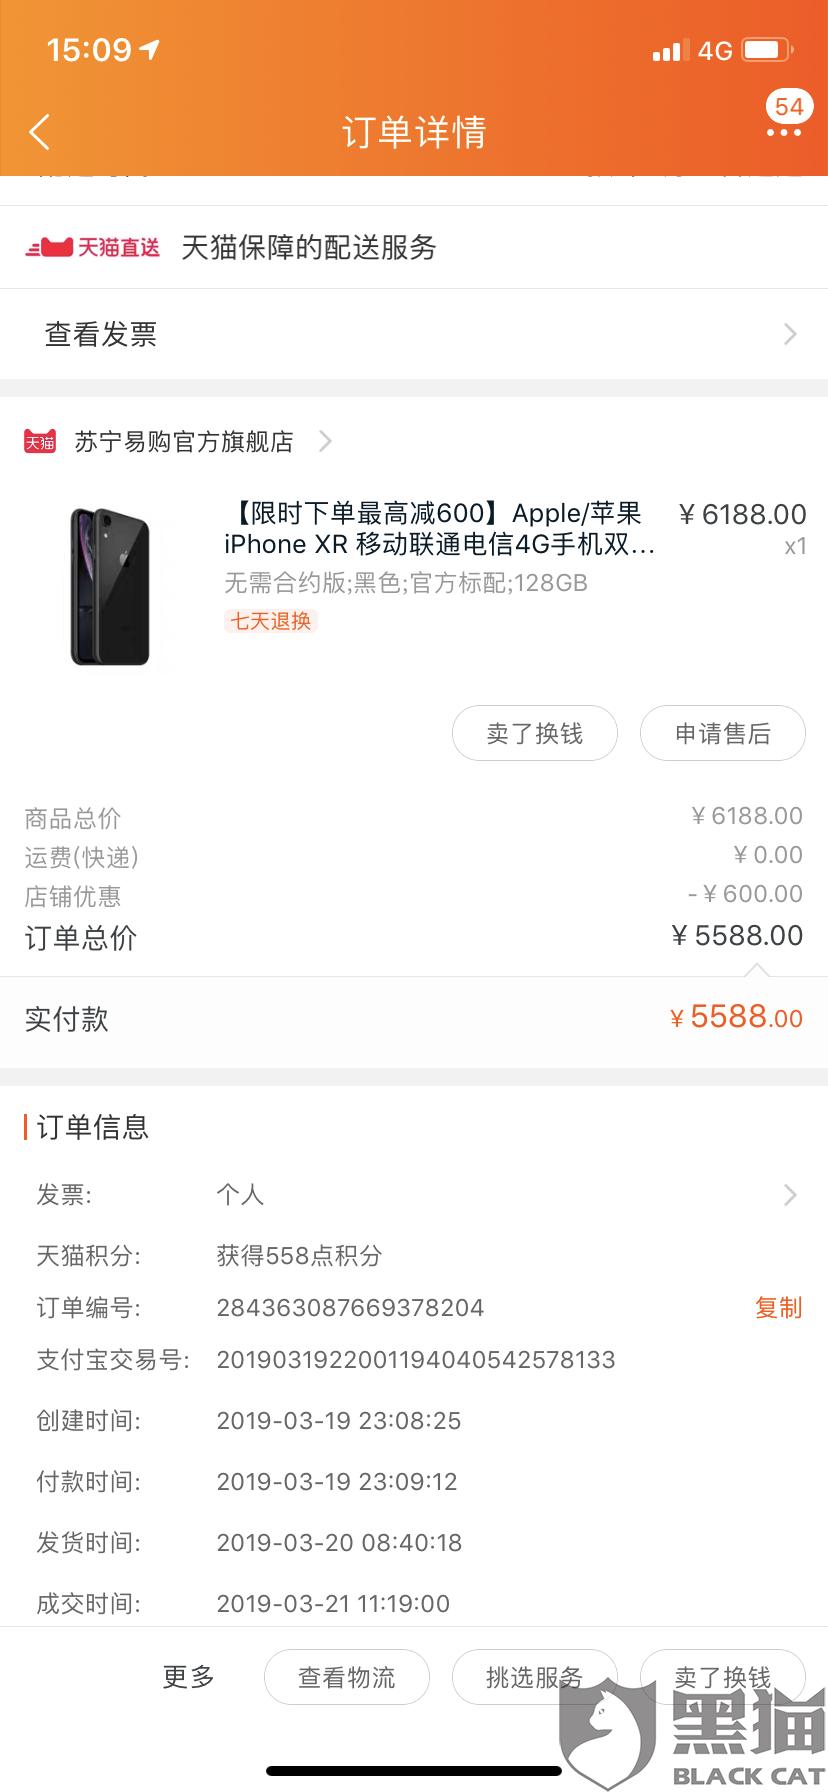 黑猫投诉:刚在苏宁易购官方旗舰店买的手机不到一个月时间降价300元(已解决)